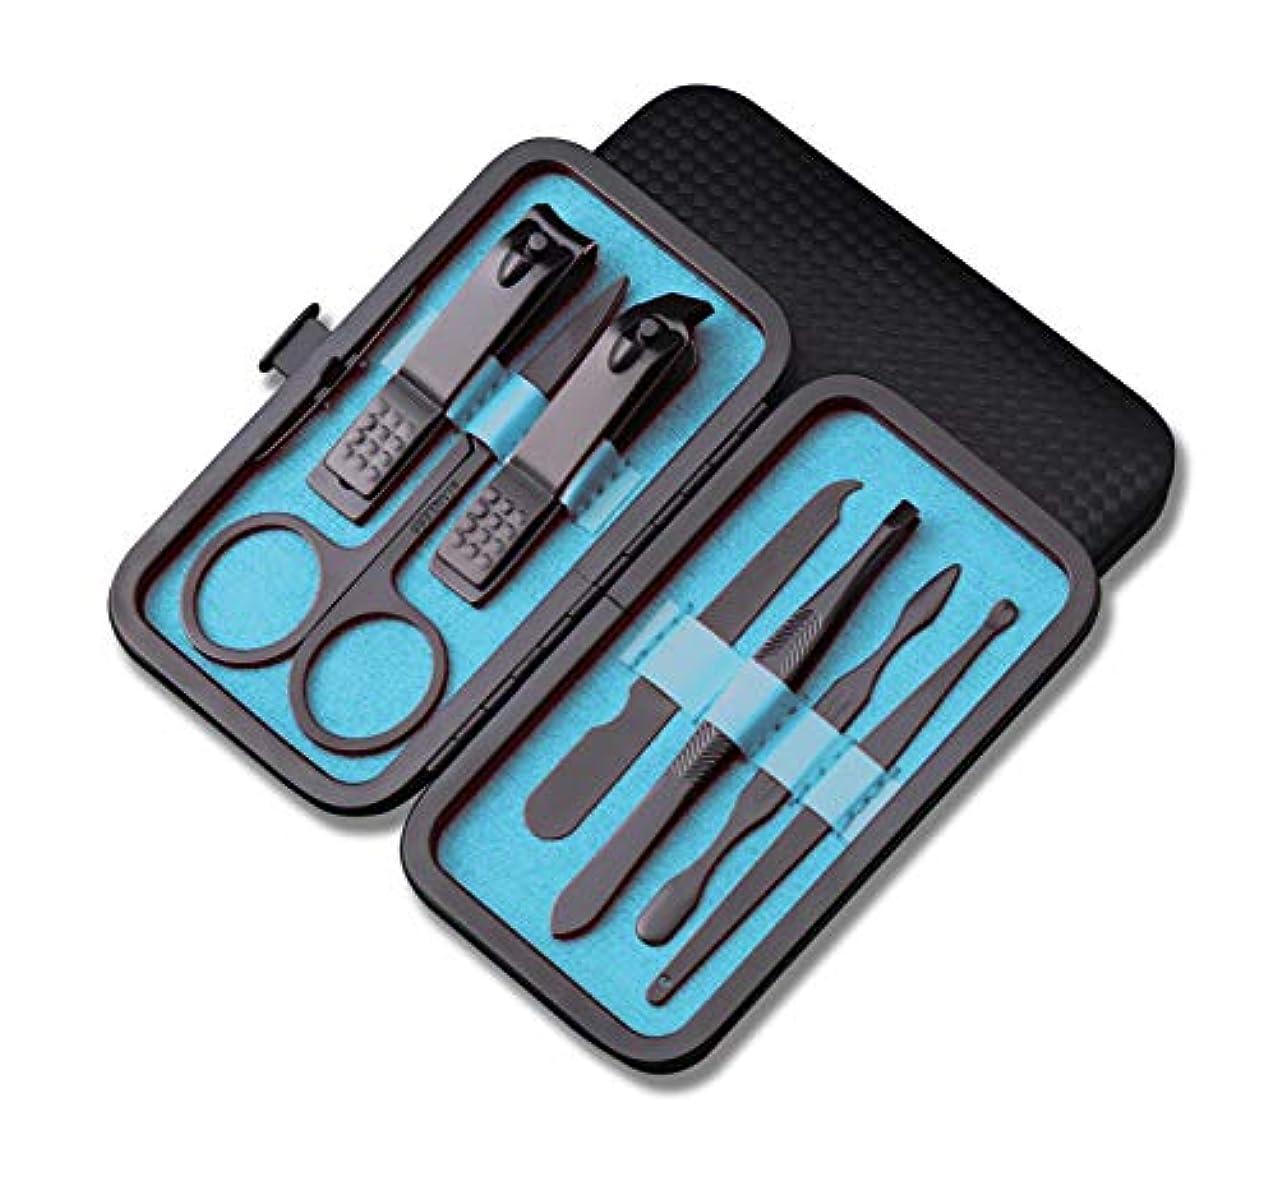 不一致消費する接続爪切り, 爪切りセット, 7点セット, 高級のステンレスの爪切り, 手足の爪の看護が通用します, 携帯 収 納ケース, 男女兼用